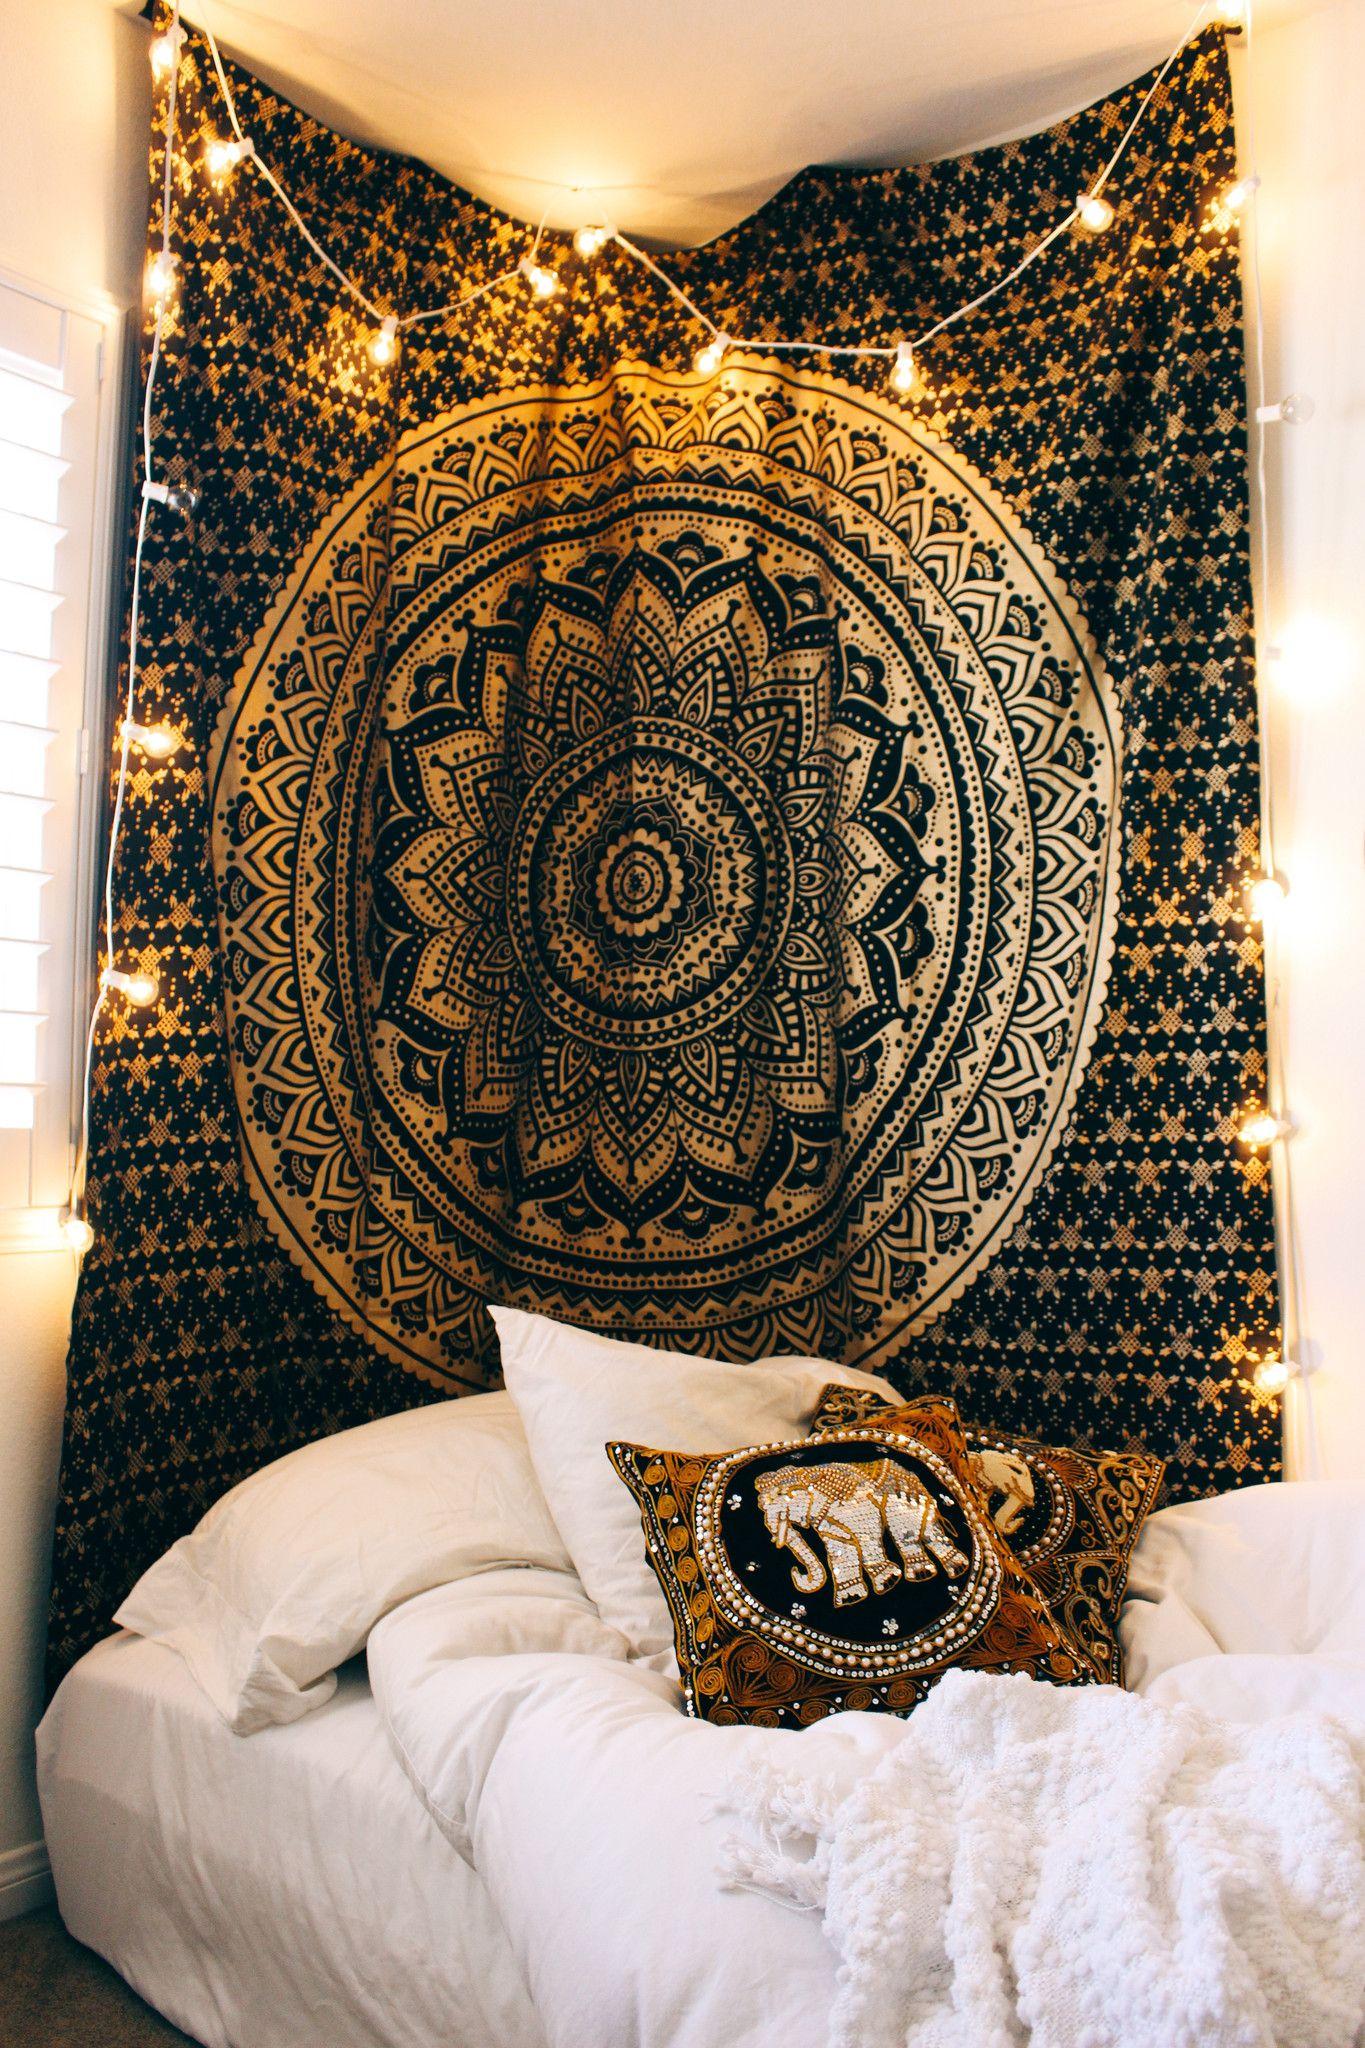 Queen Mandala Tapestry Tapestry Bedroom Room Ideas